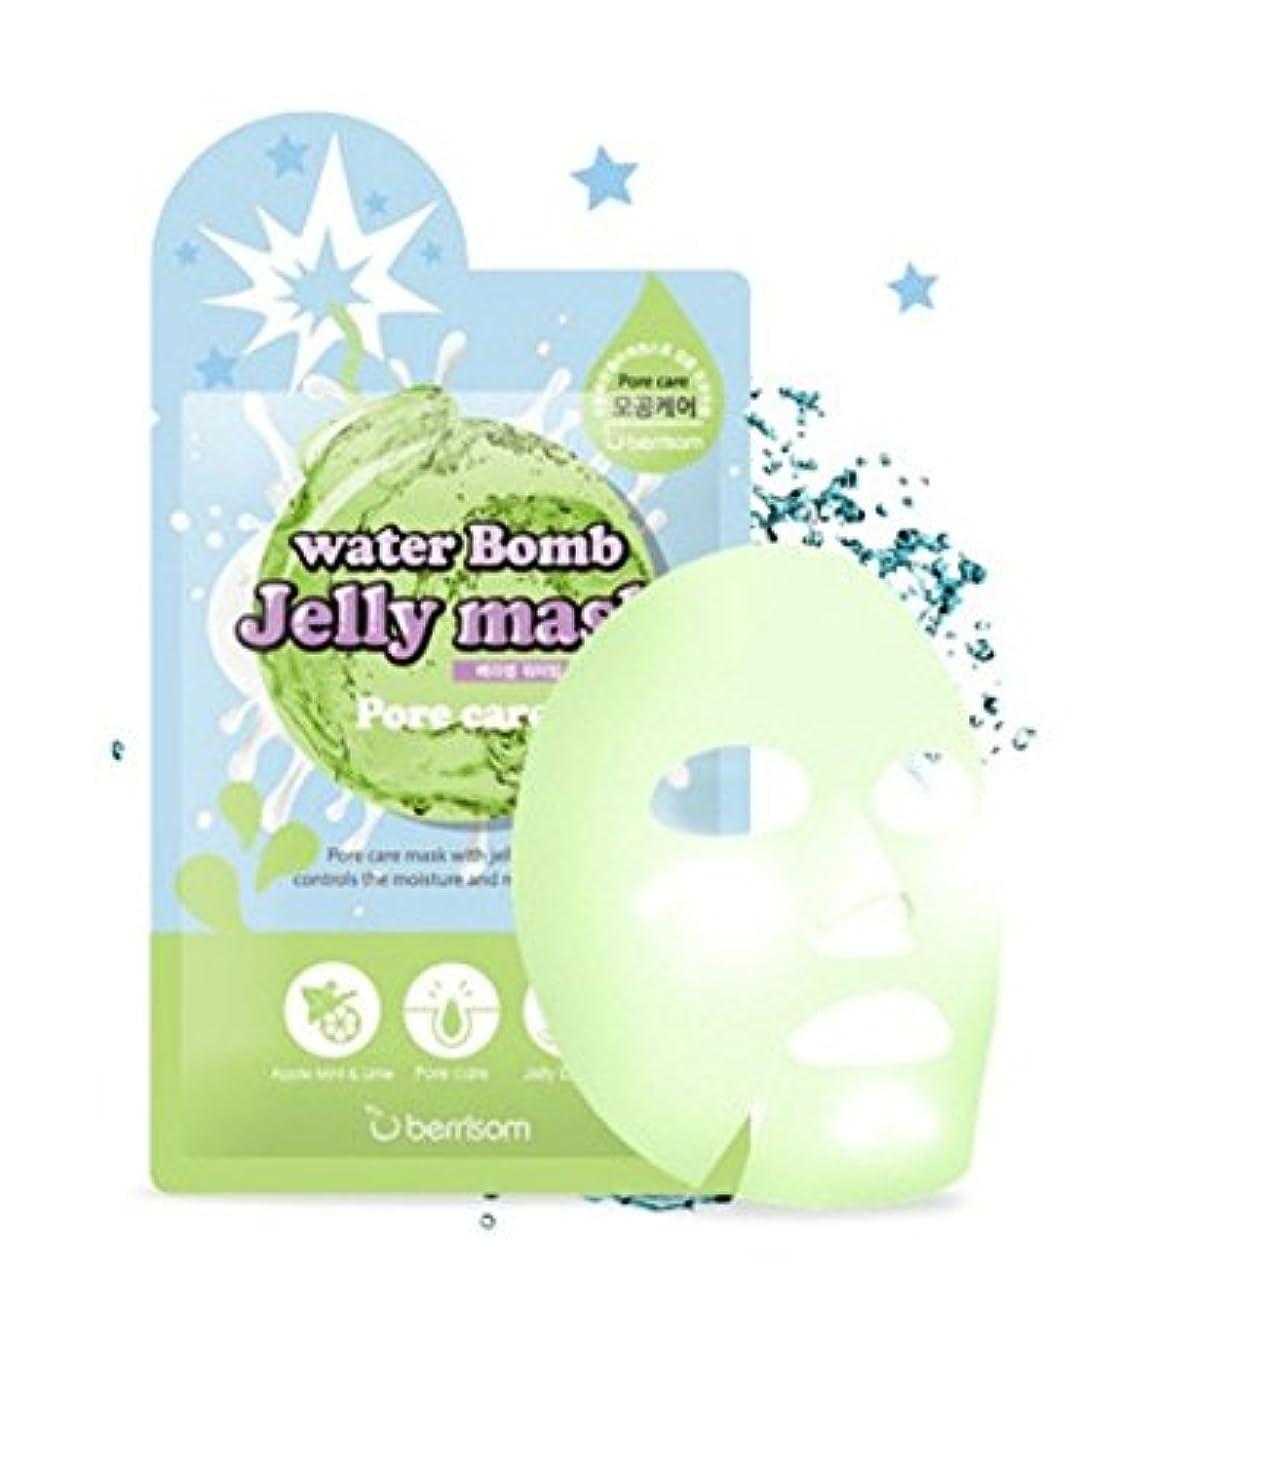 家事出演者探すベリサム(berrisom) ウォーター爆弾ジェリーマスクパック Water Bomb Jelly Mask #毛穴ケアー